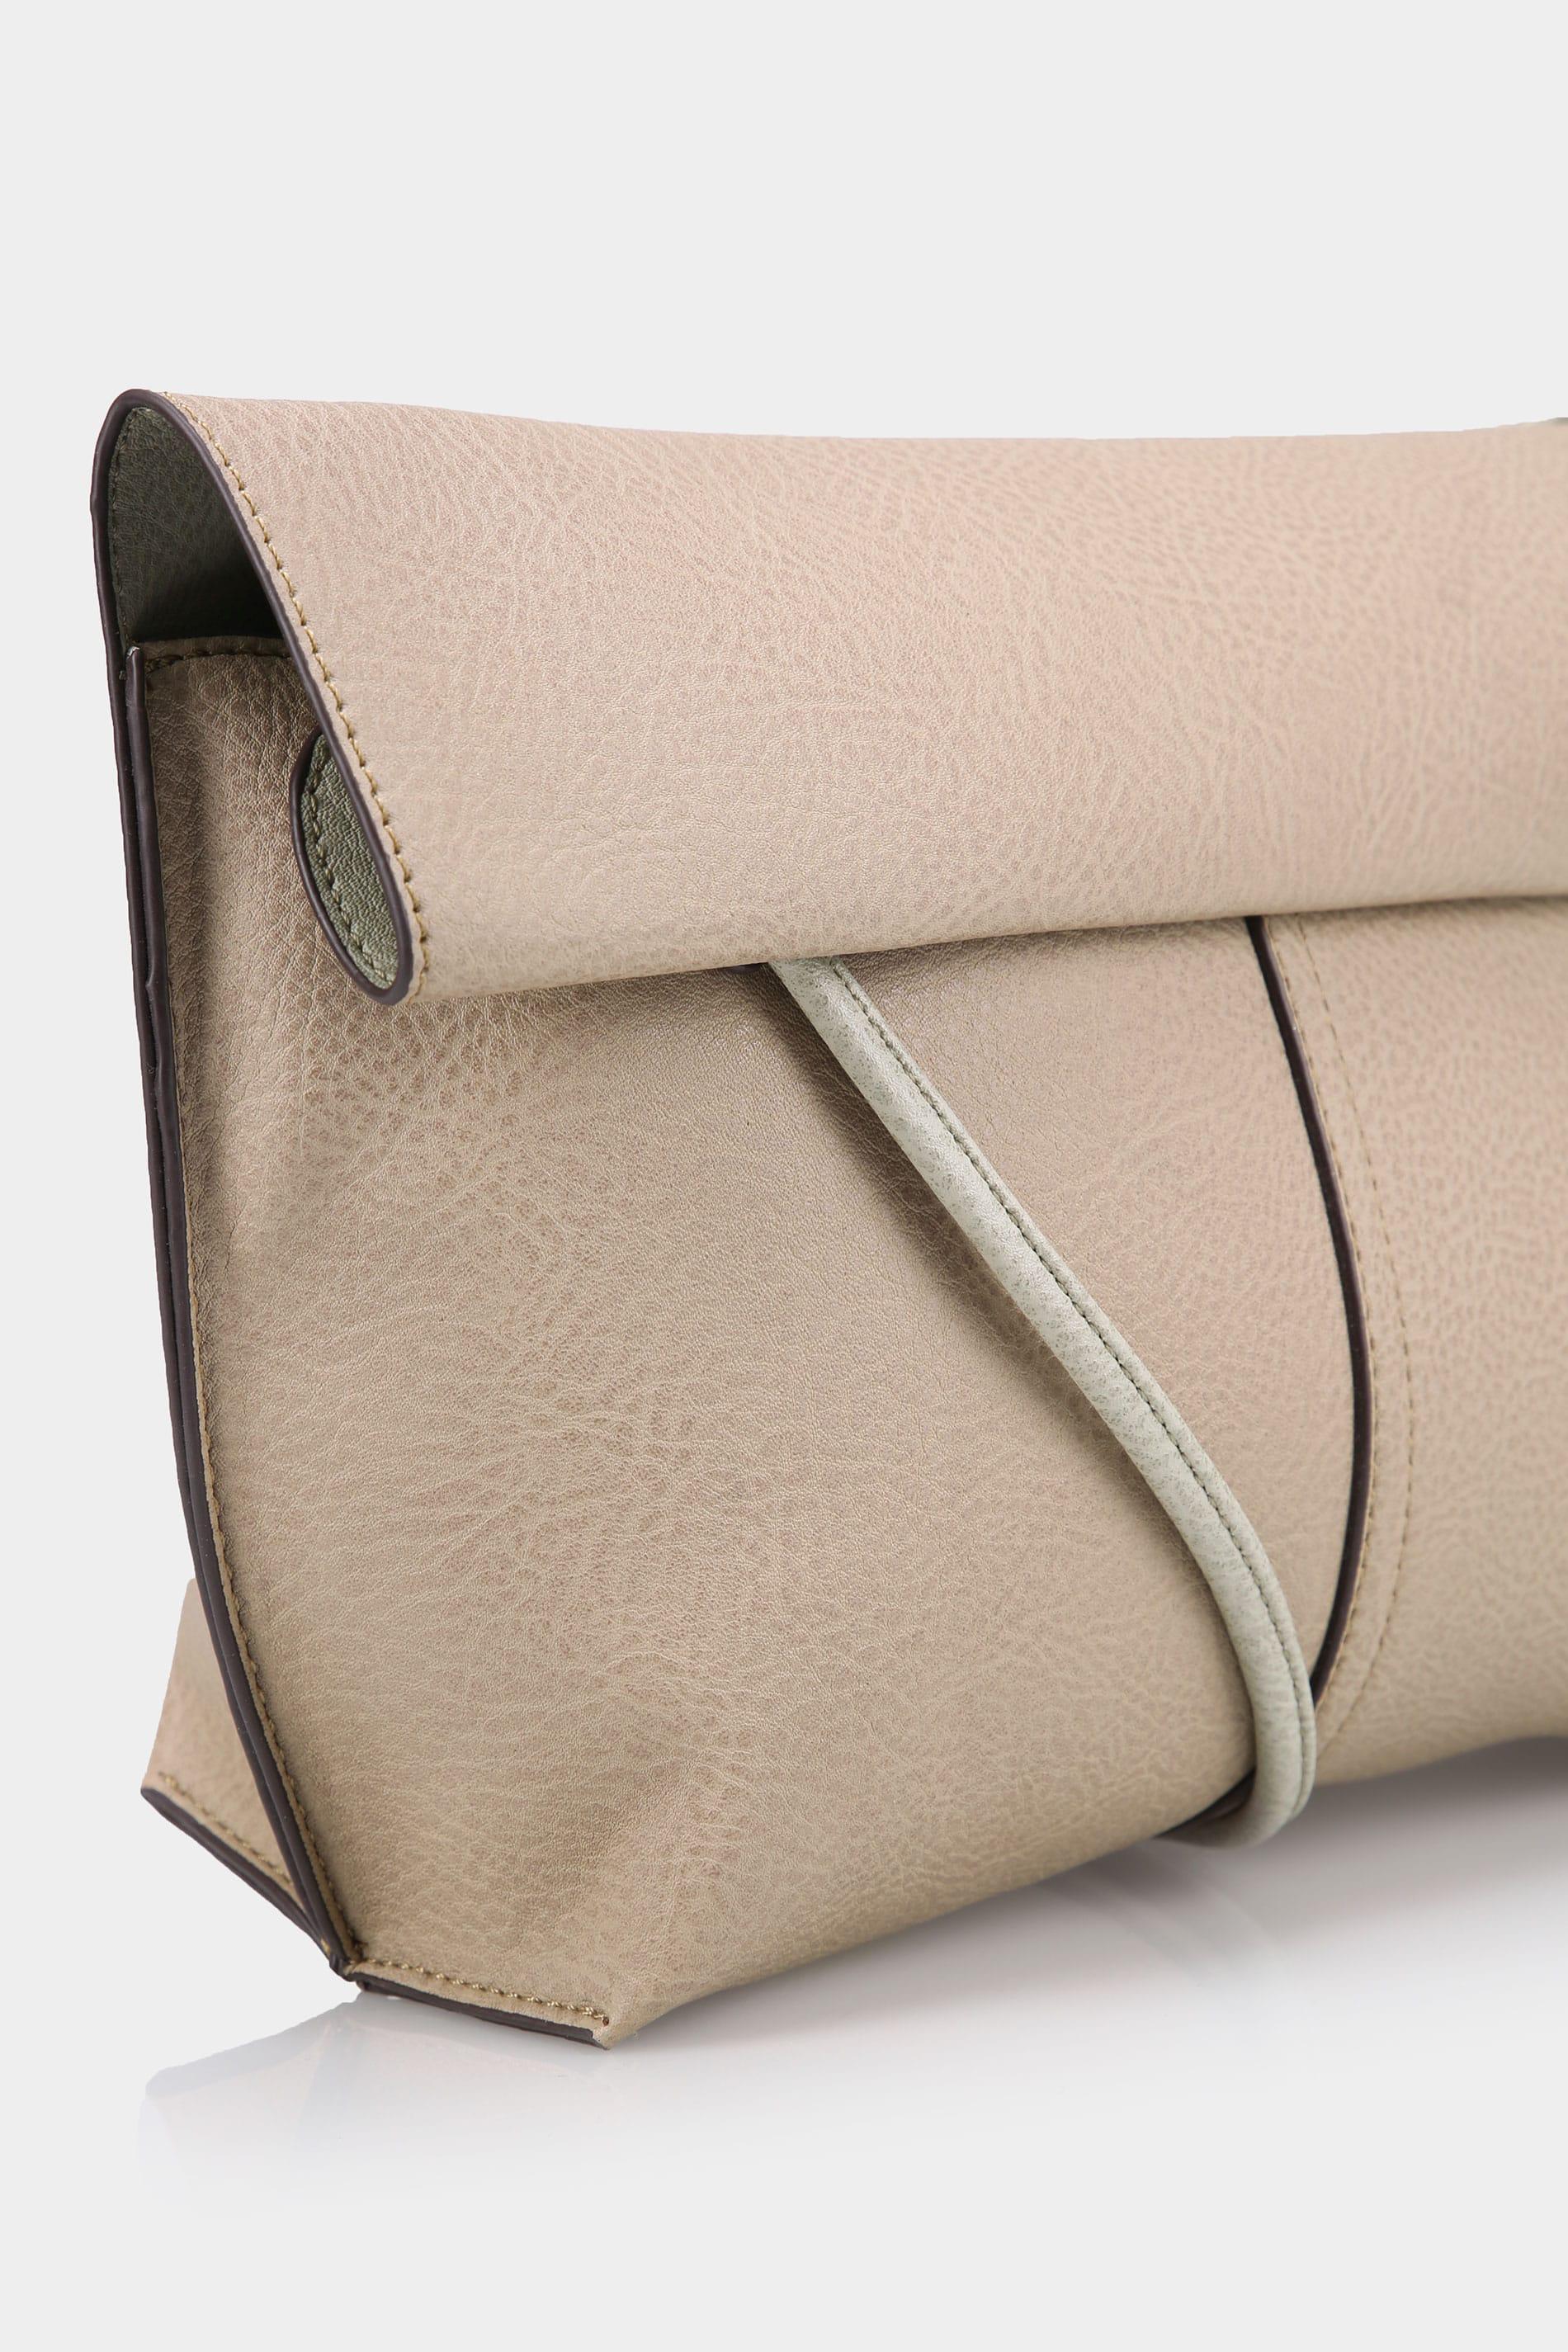 Stripe Roll Bag | Ben Sherman